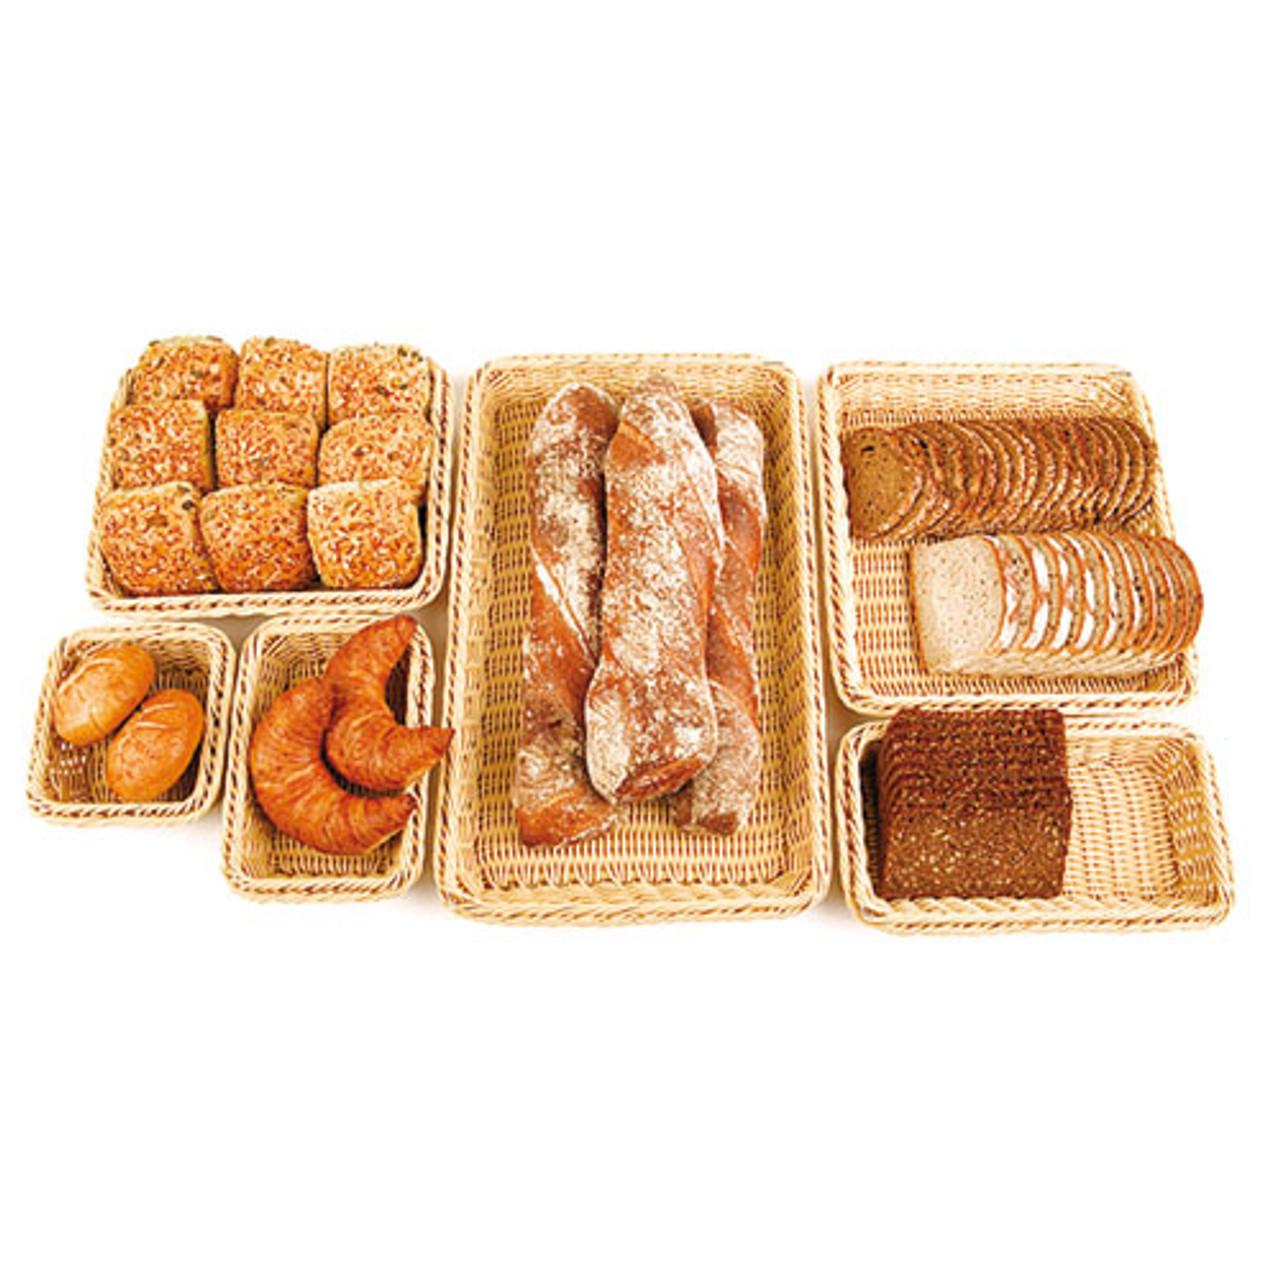 4 High Polyrattan Bread Basket - (2/3 ) , L 12.5 x W 14 x H 4